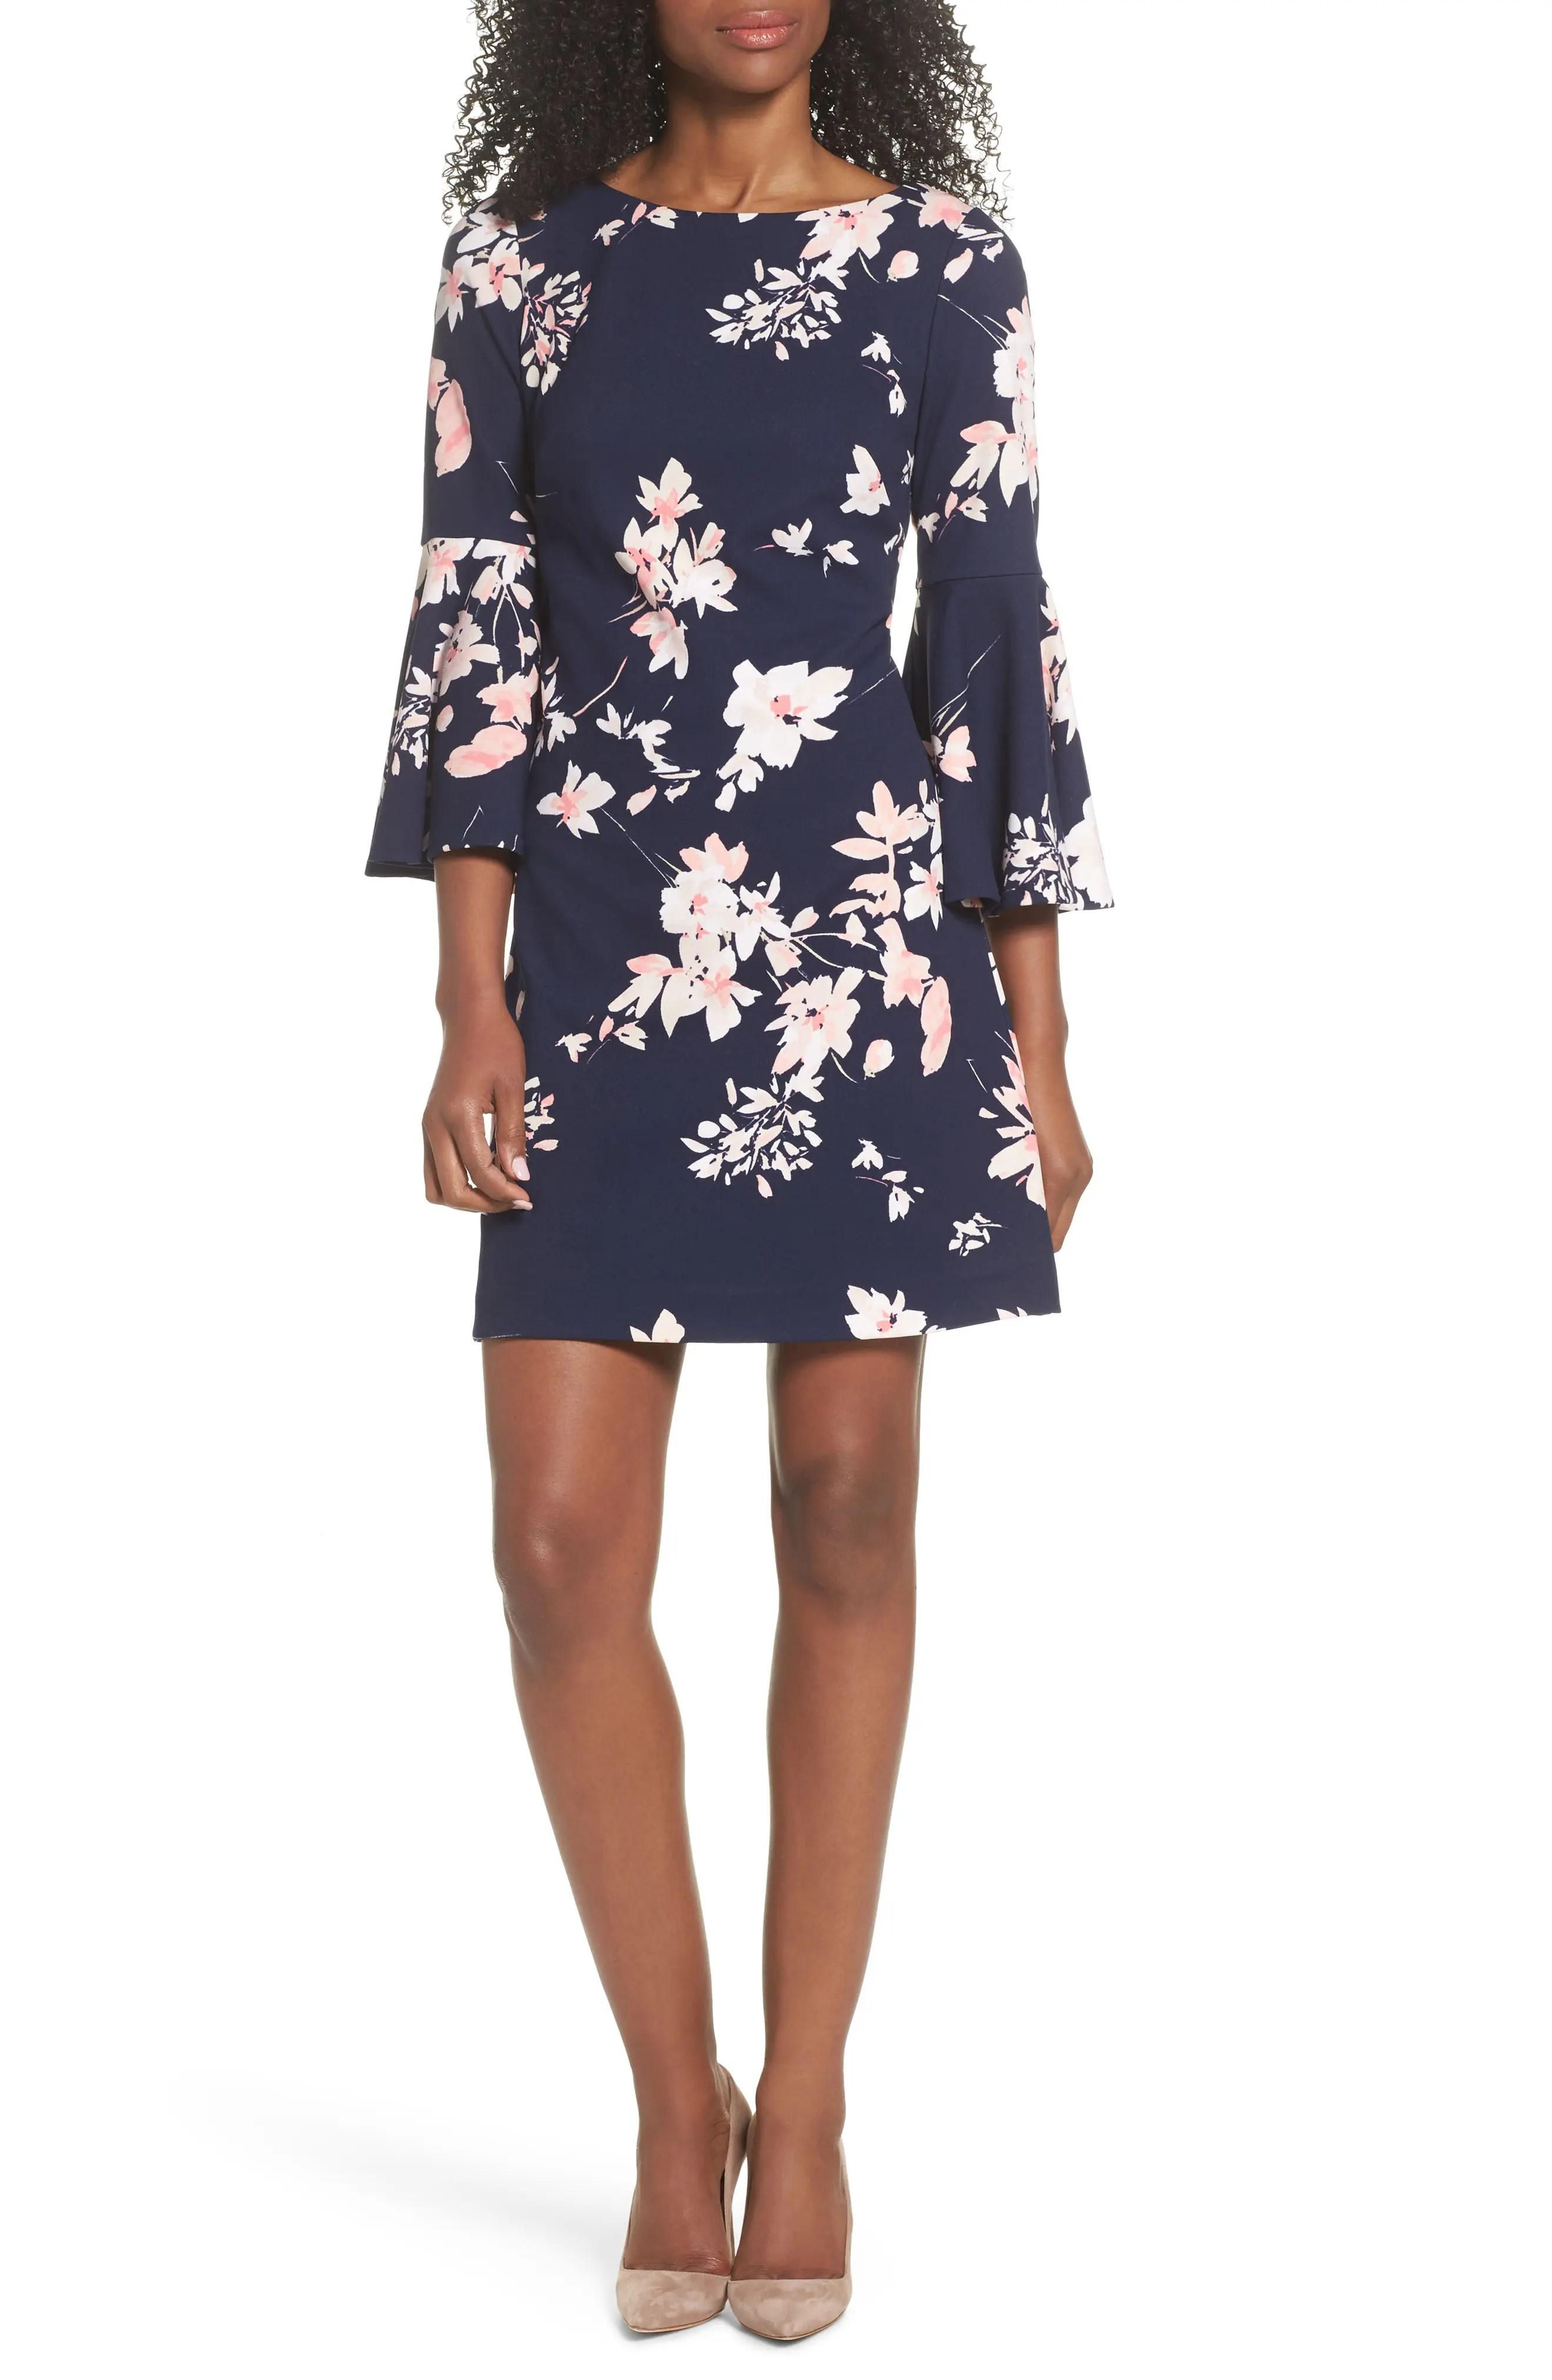 Eliza  floral bell sleeve dress also women   dresses nordstrom rh shoprdstrom